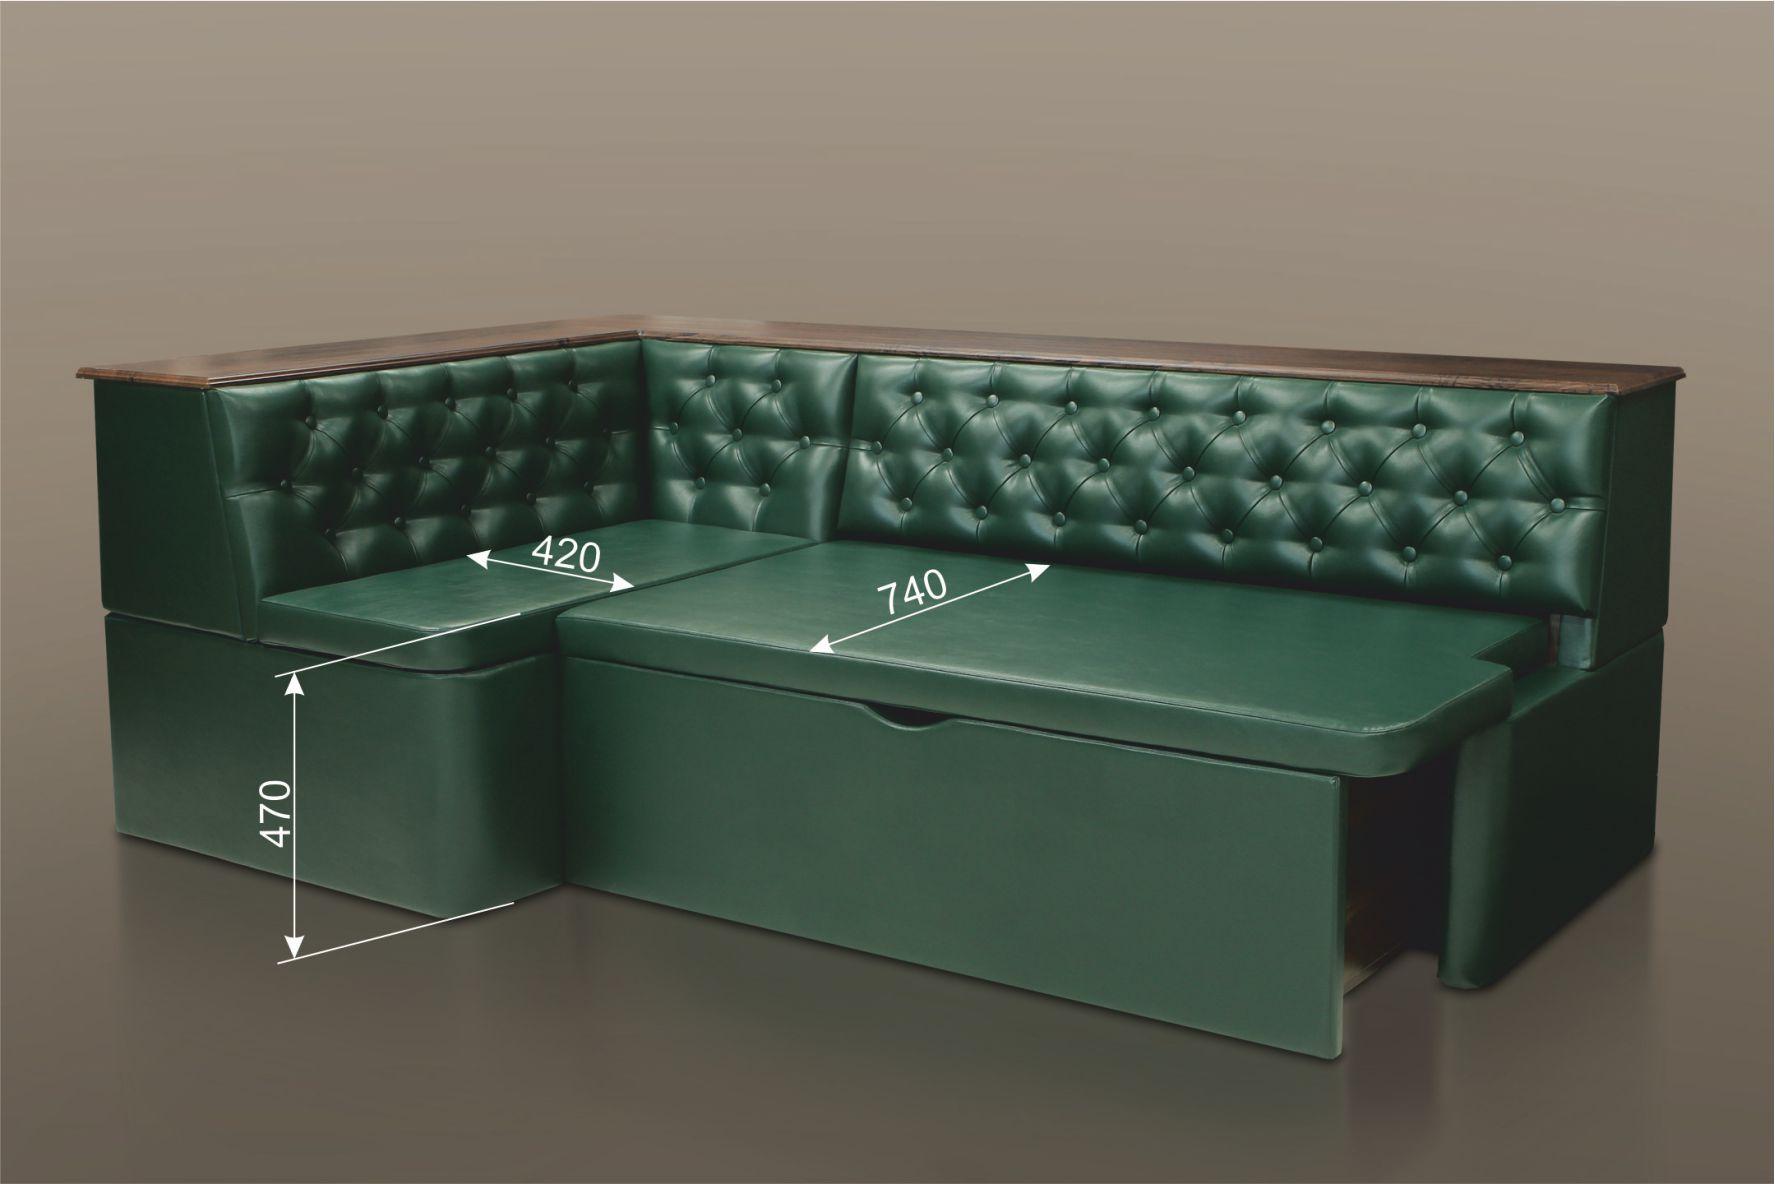 раскладной диван для кухни угловой Bm 2595 купить в москве Glomartru